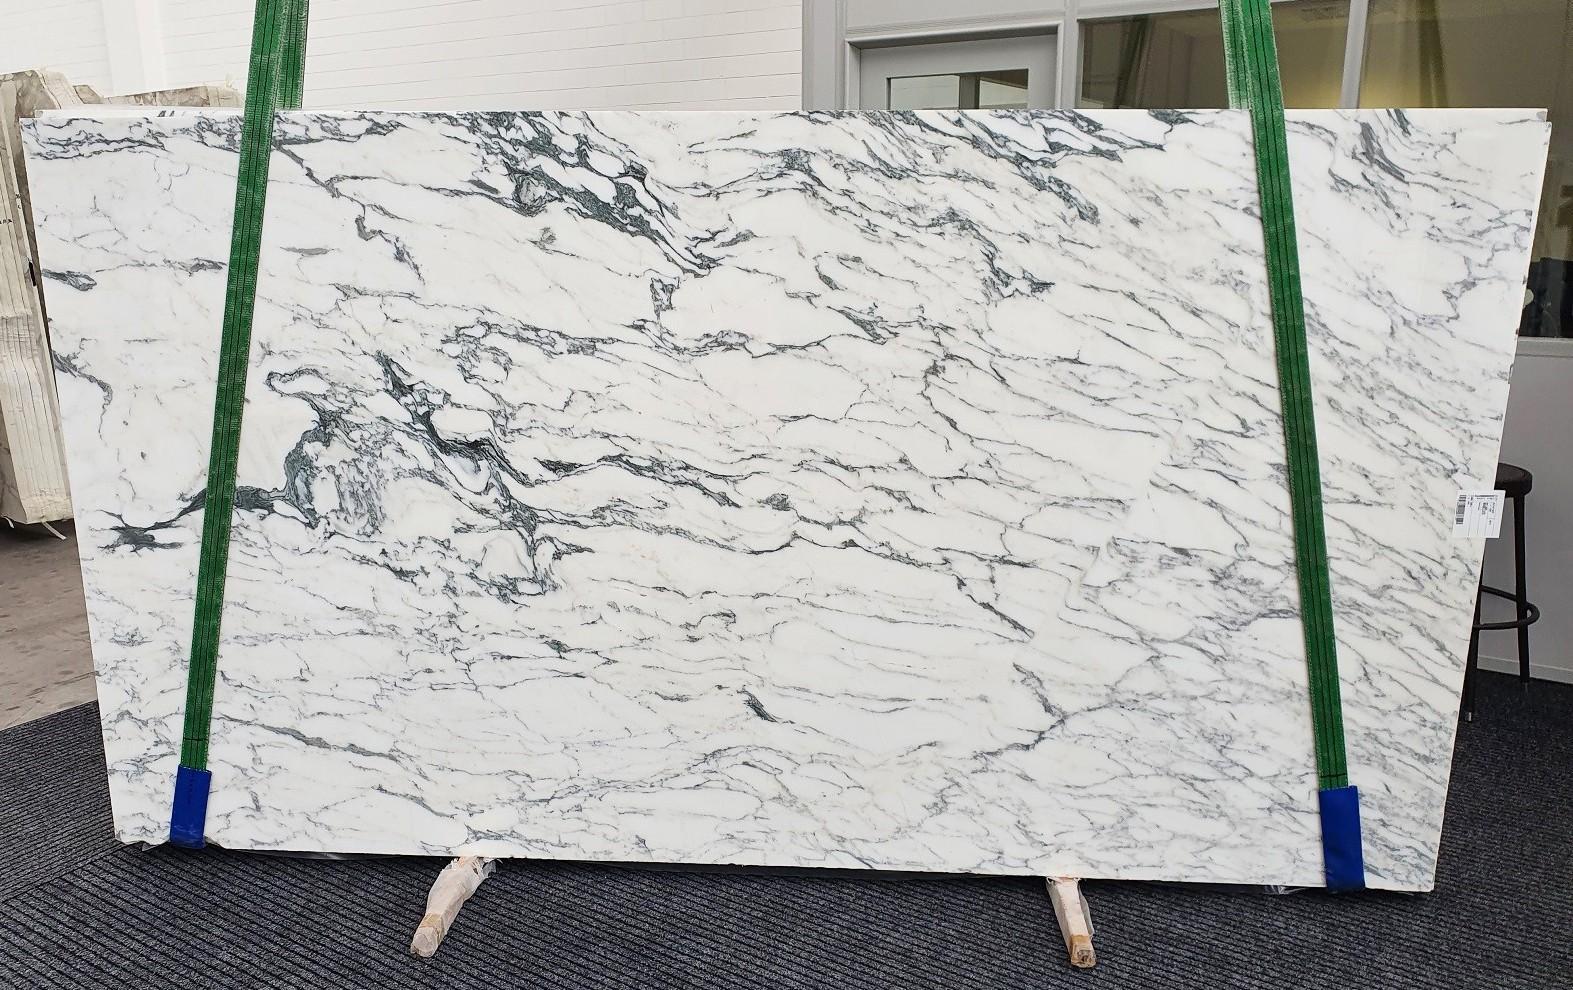 ARABESCATO FAINELLO Suministro Veneto (Italia) de planchas pulidas en mármol natural 1356 , Slab #08